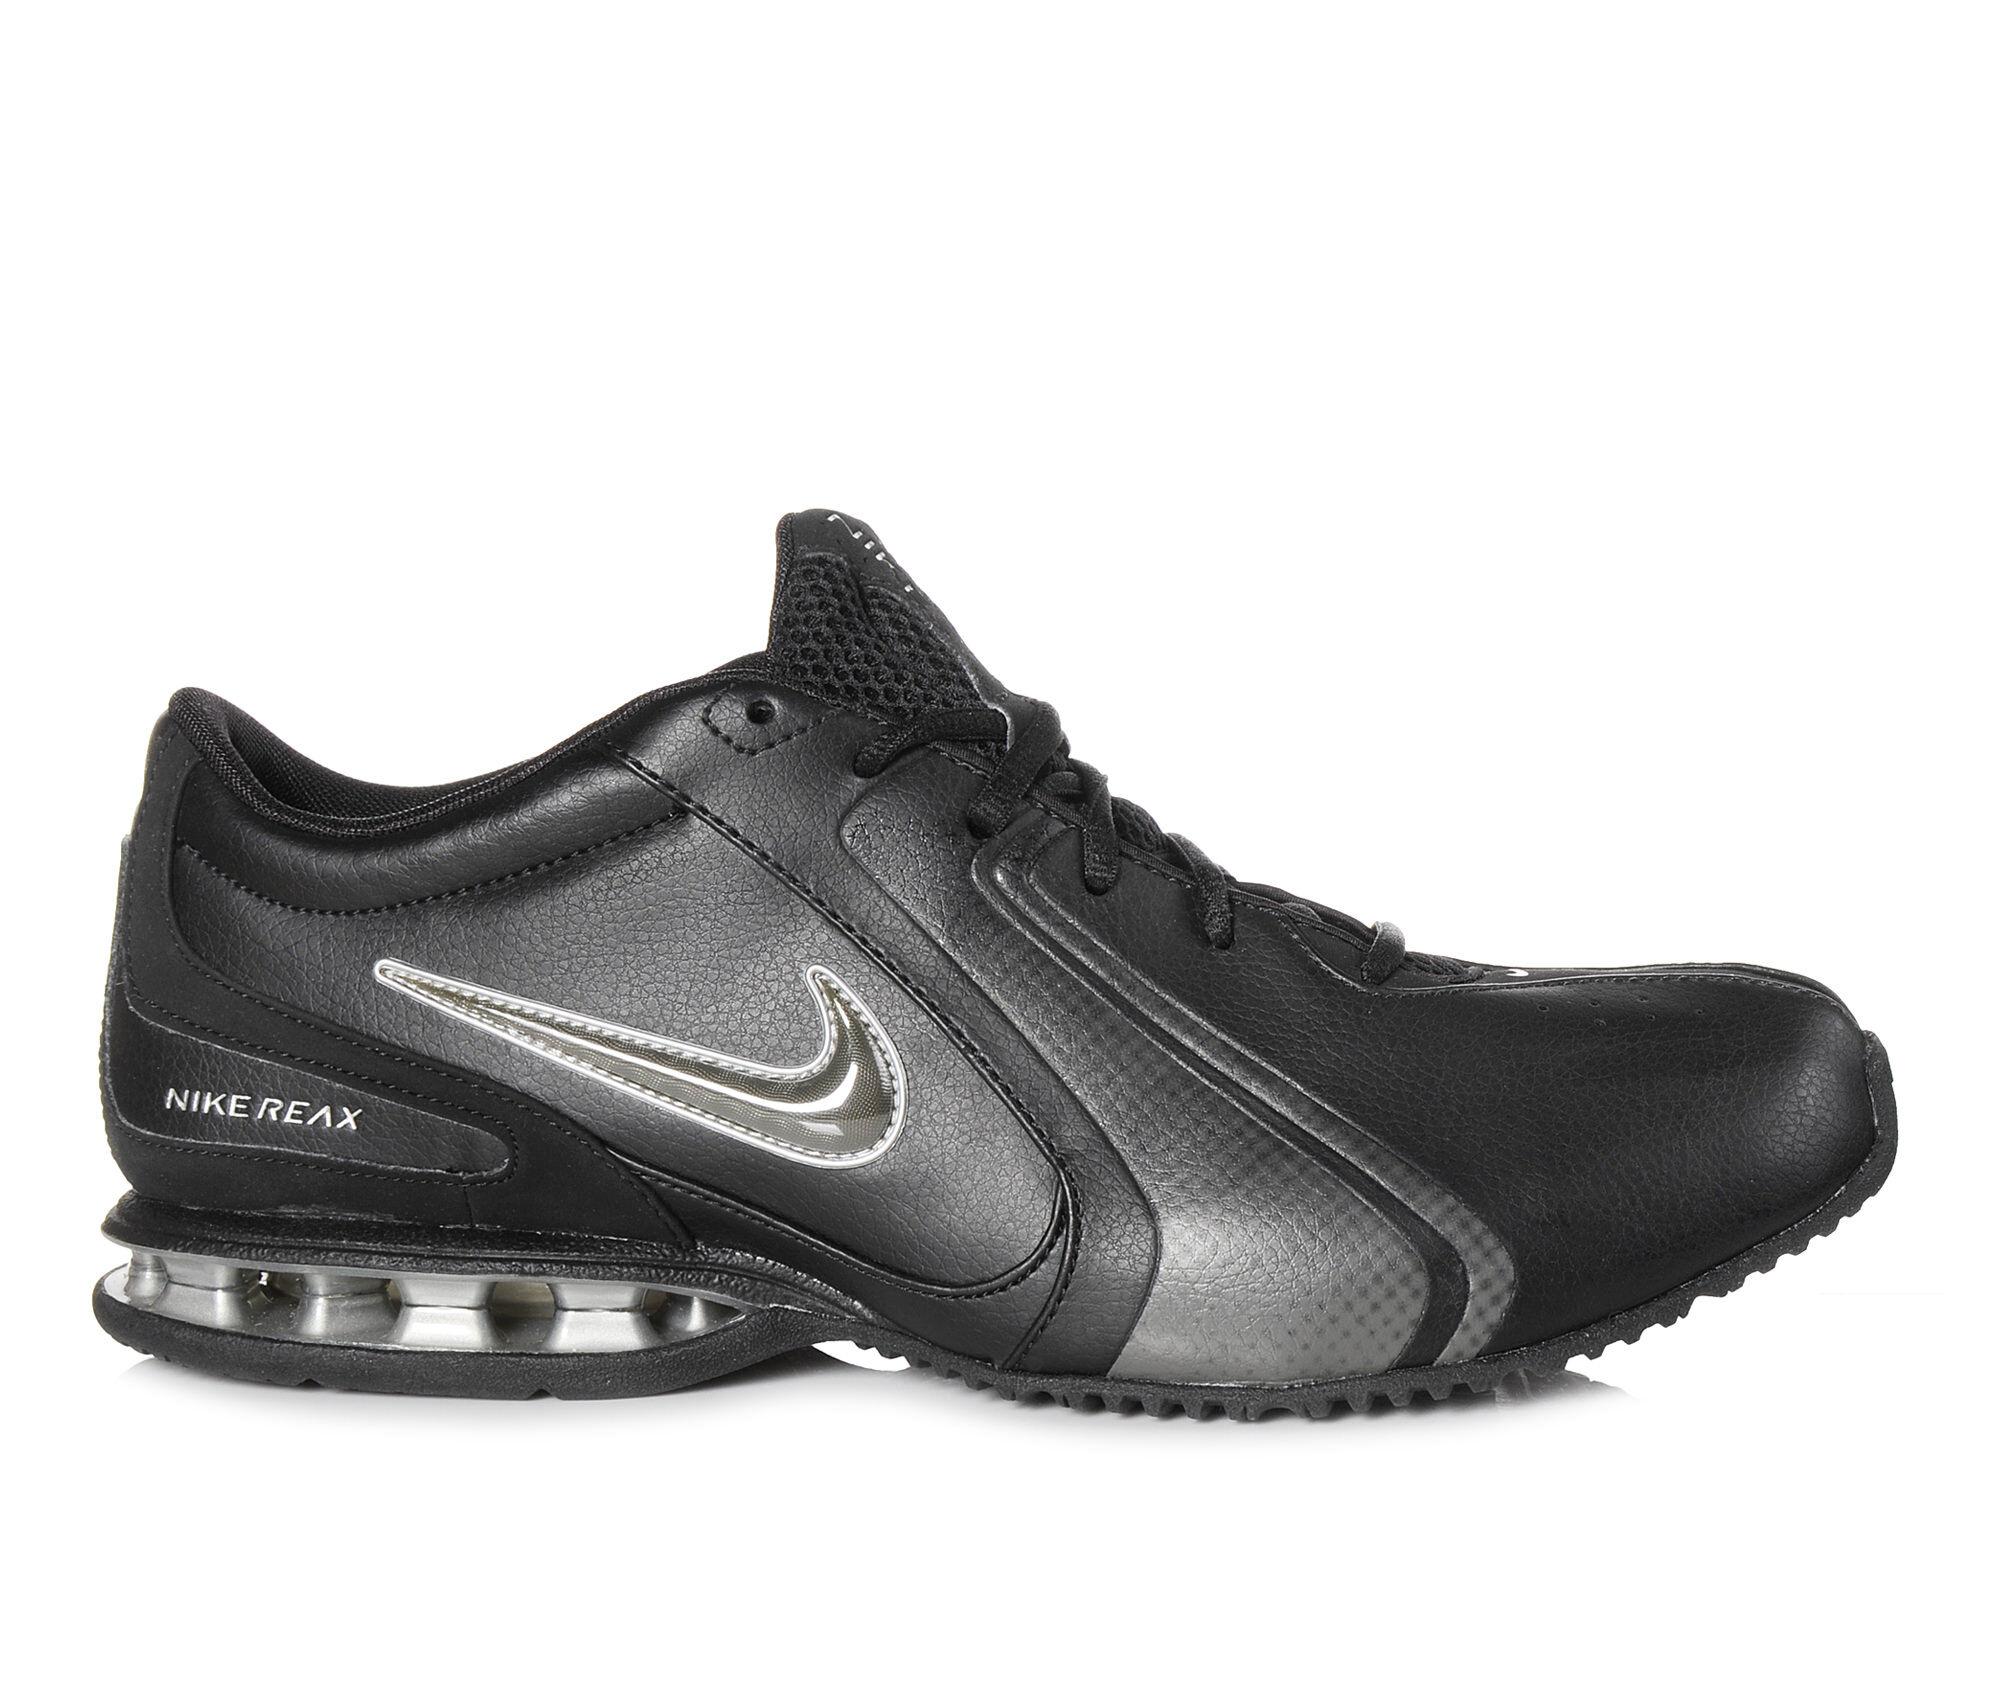 Men's Shoes Støvler og sandaler  Boots and Sandals